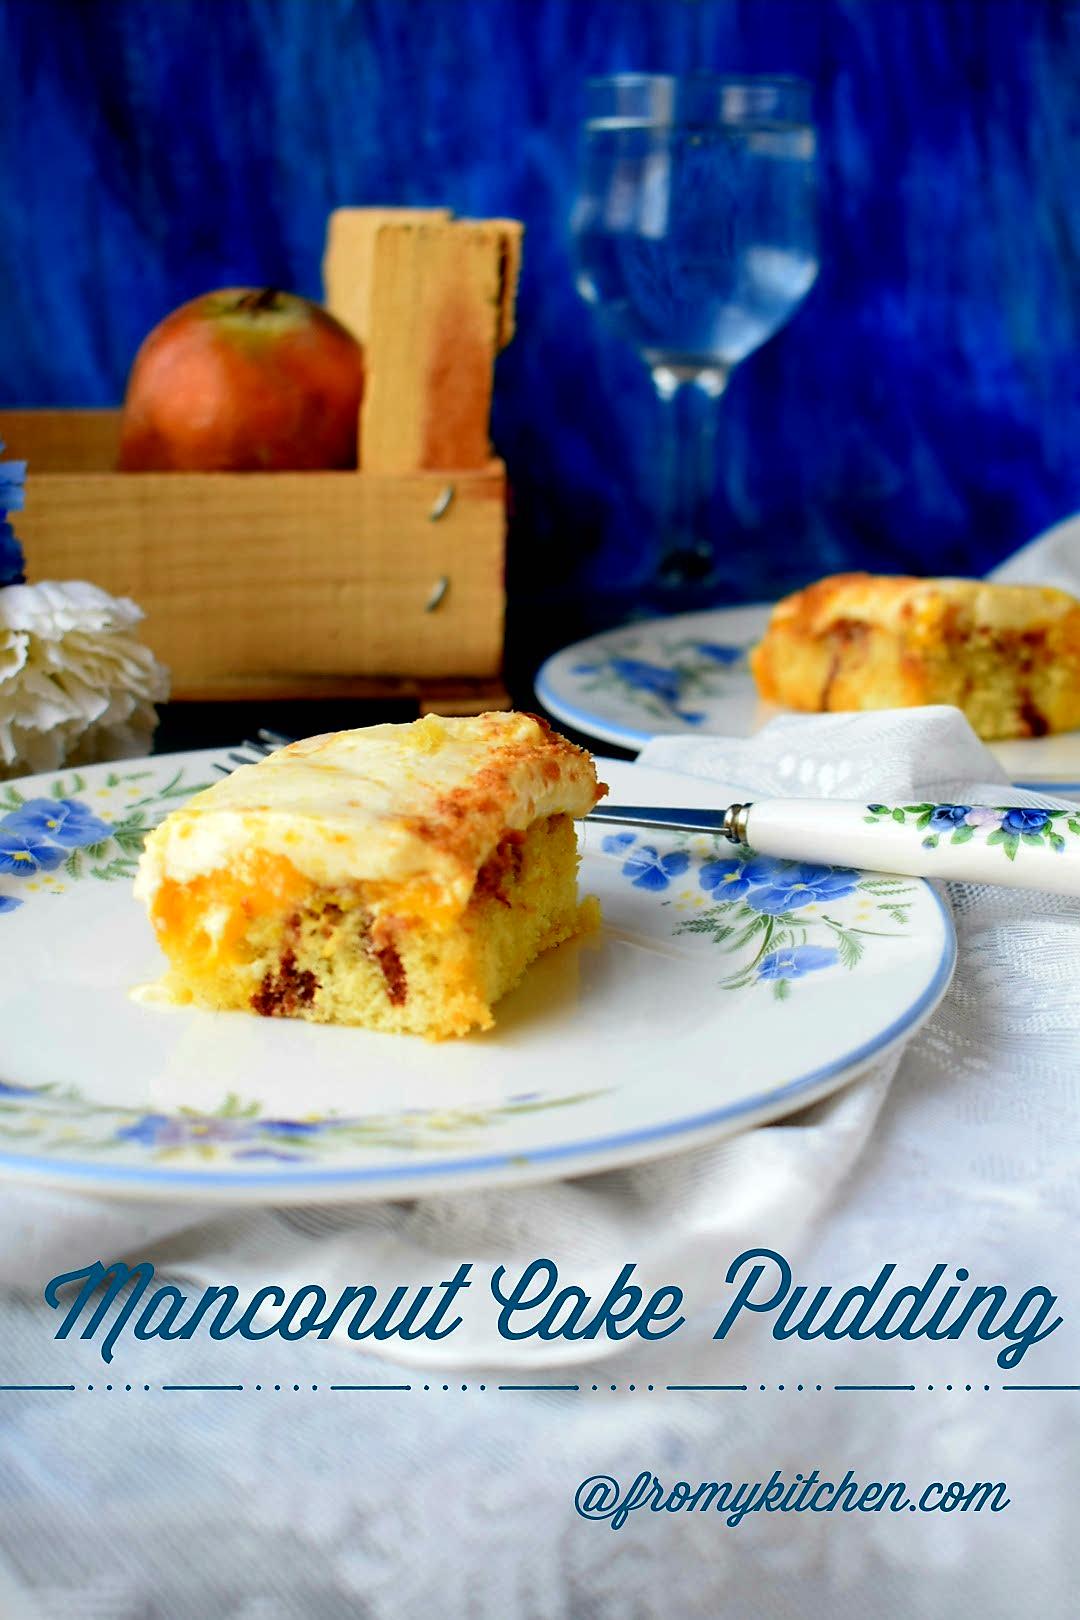 Manconut Pudding (Mango+Coconut)